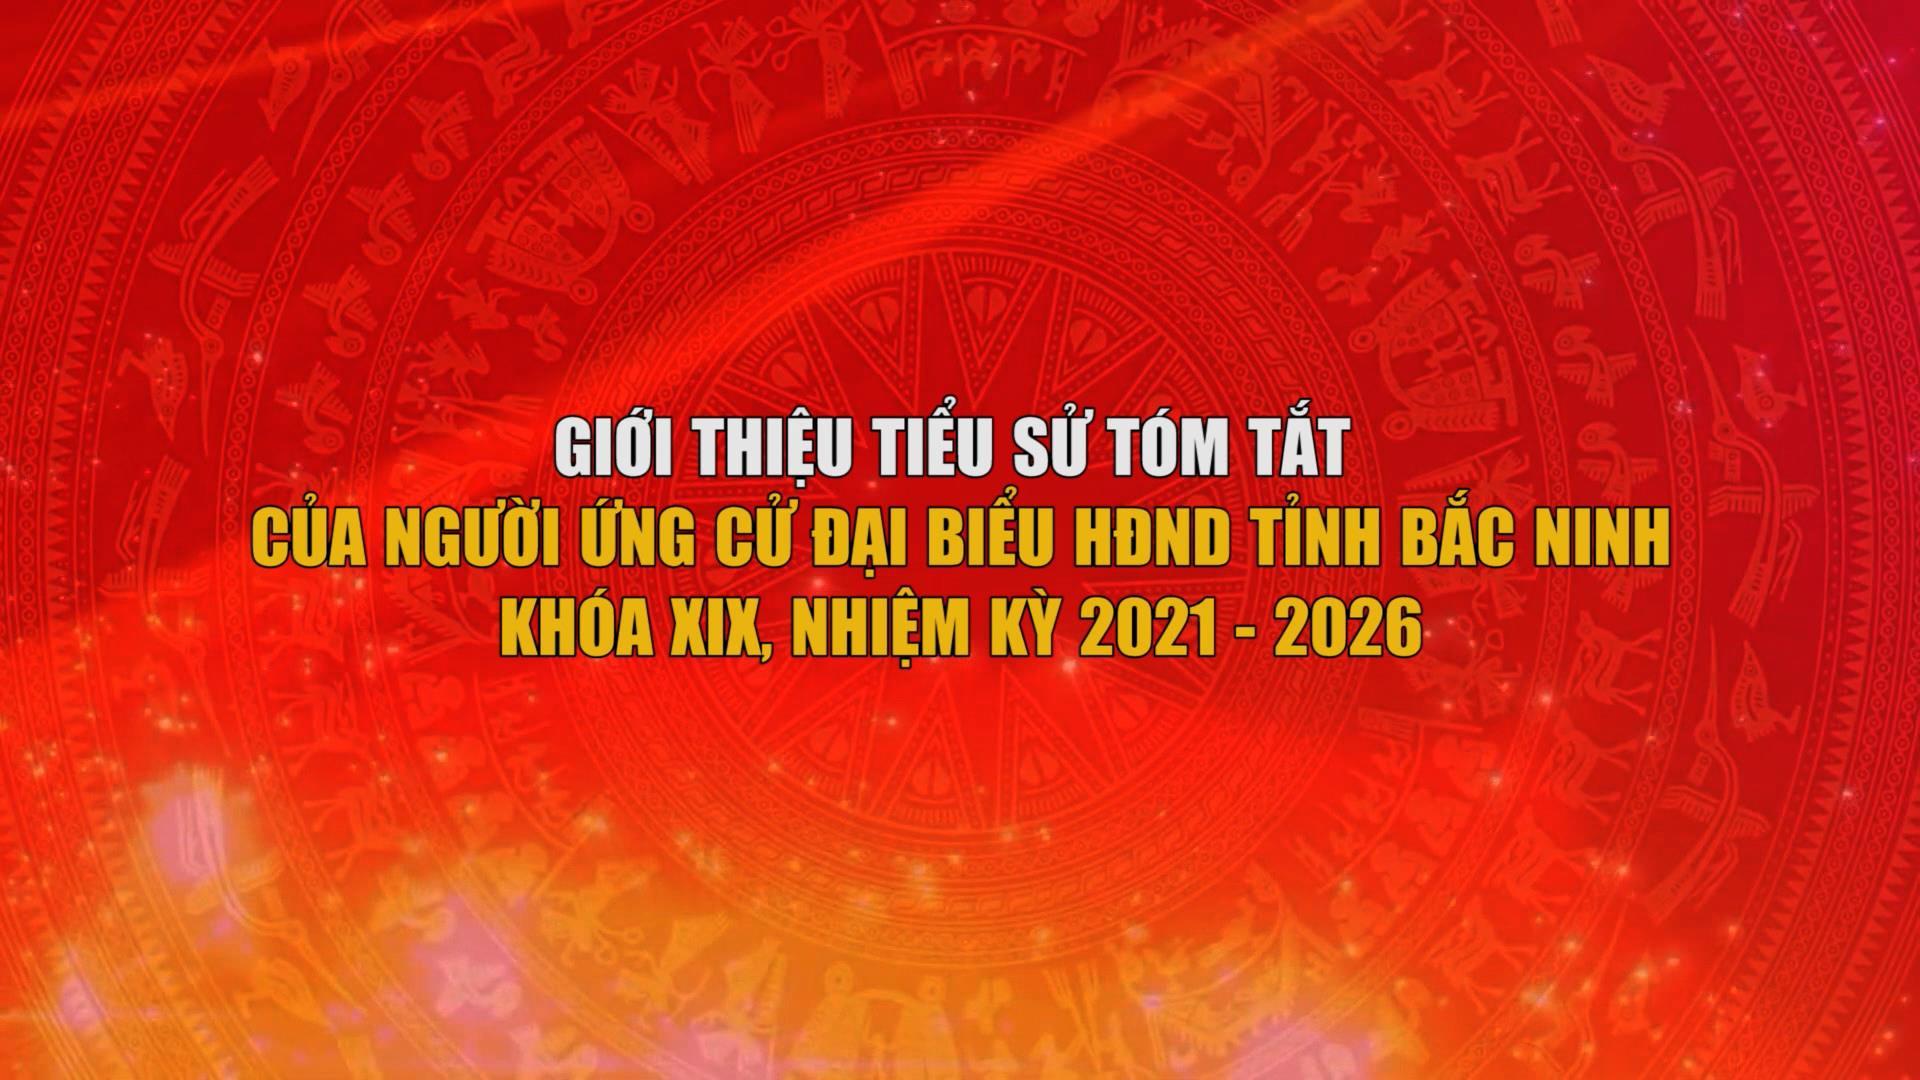 Giới thiệu tiểu sử tóm tắt của người ứng cử Đại biểu HĐND tỉnh Bắc Ninh khóa XIX, nhiệm kỳ 2021 - 2026 (Đơn vị bầu cử số 4,5,6)